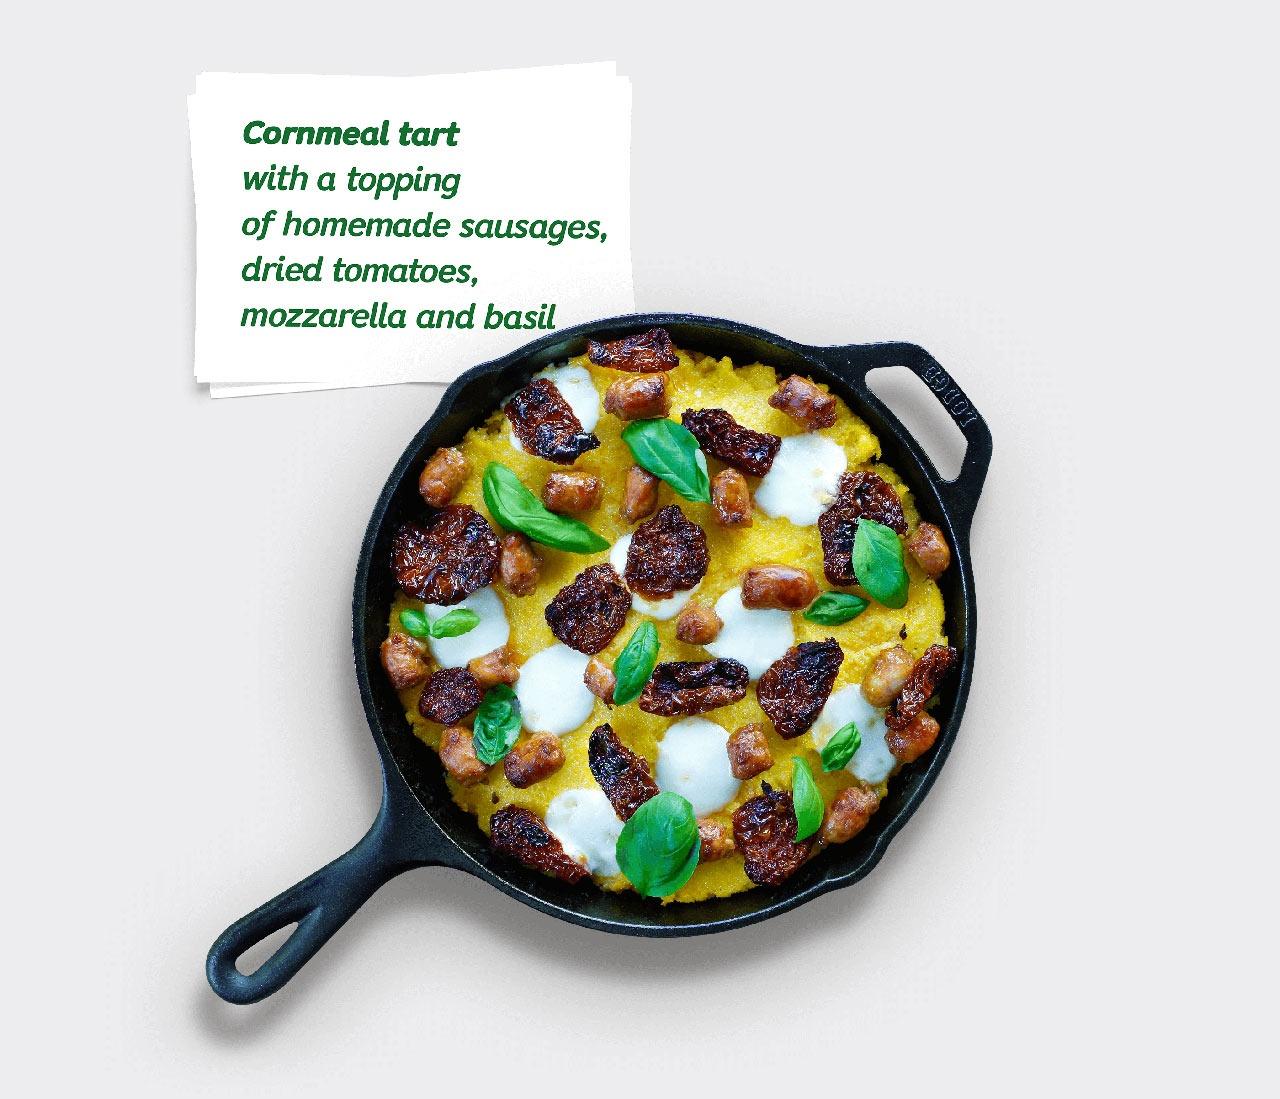 通过新的包装设计和创意配方运动,重新定位了Pambac麦片在日常饮食中的定位和需求。这个市场转变激励人们对传统的玉米粉有了新的定义,Pambac玉米粉加入奶酪和酸奶油,以吸引喜欢追求美味口感的新的消费者。 罗马尼亚人喜爱麦片,在农村地区常常被用作面包替代。传统的玉米粉、奶酪和酸奶油从未离开过罗马尼亚烹饪,但麦片本身却跟不上时代。在罗马尼亚,现代麦片产品的视觉领域偏爱玉米和玉米粥的普通形象,这反映了长期以来的烹饪传统。超市货架上,玉米粉一直看起来像一个通用的、无差别的商品。 Pambac是一家拥有将谷物转化